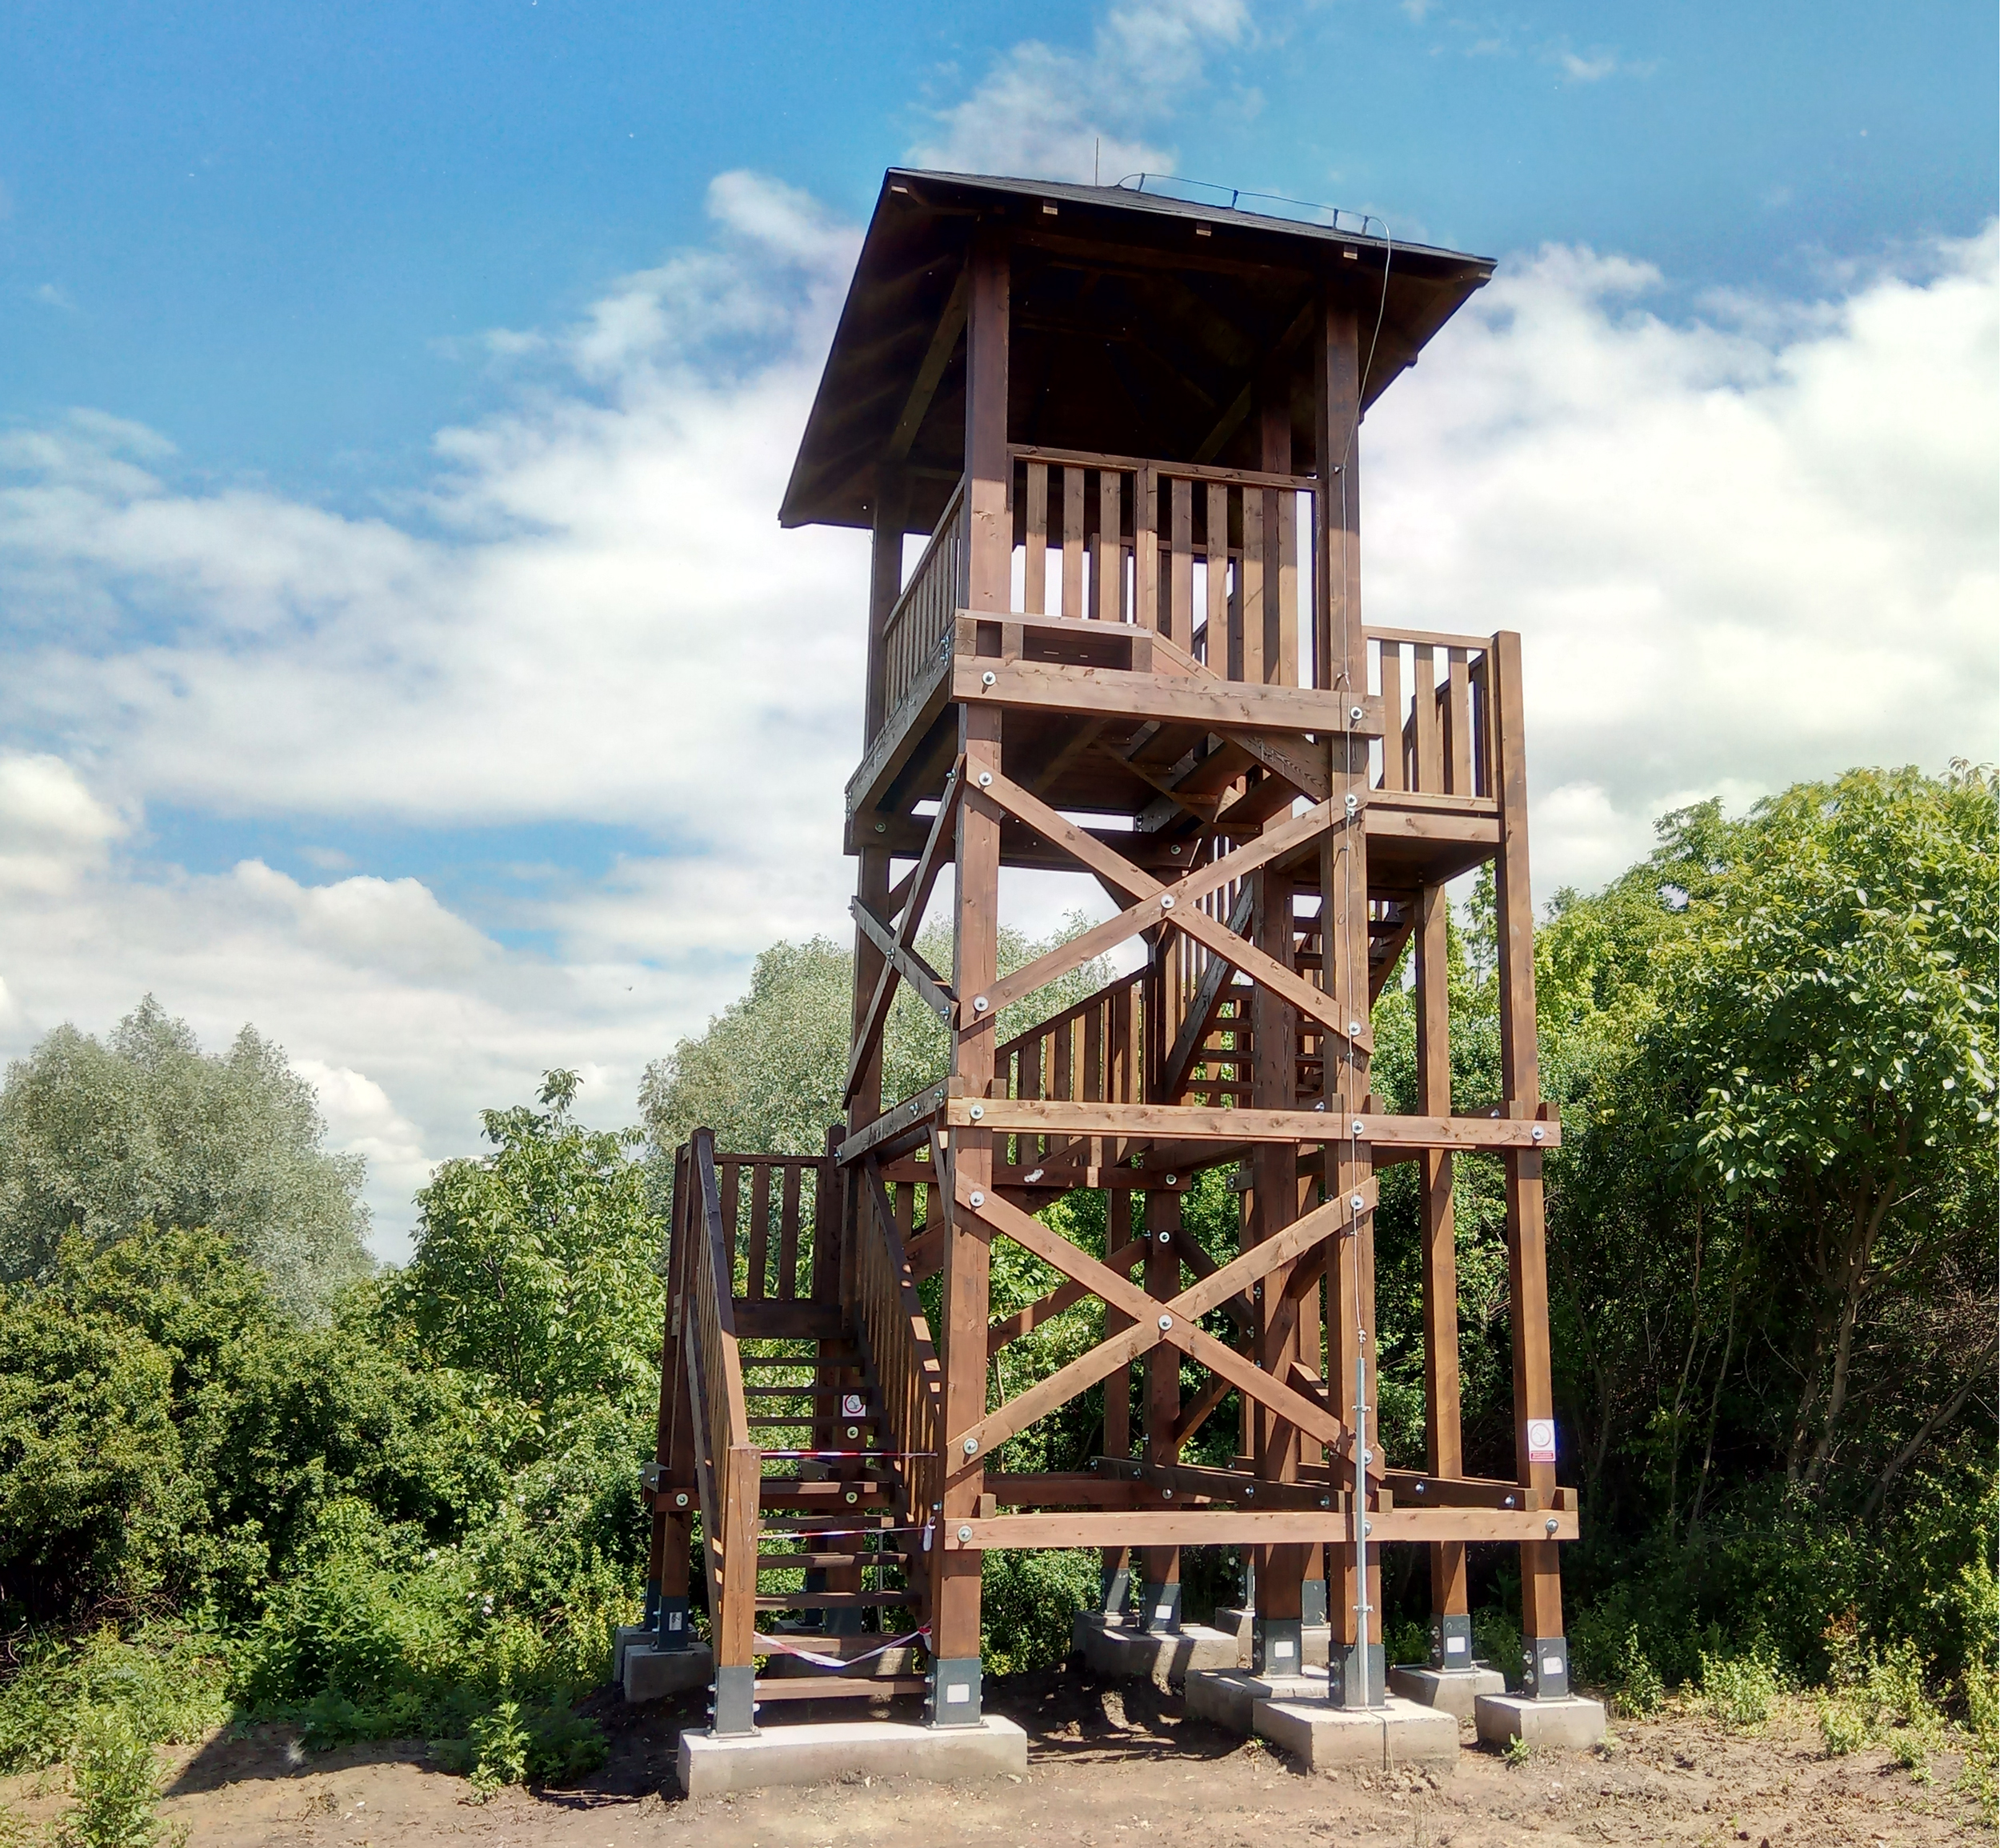 Pozorovacia veža Vaňa. Reálna veža v porovnaní s návrhom.